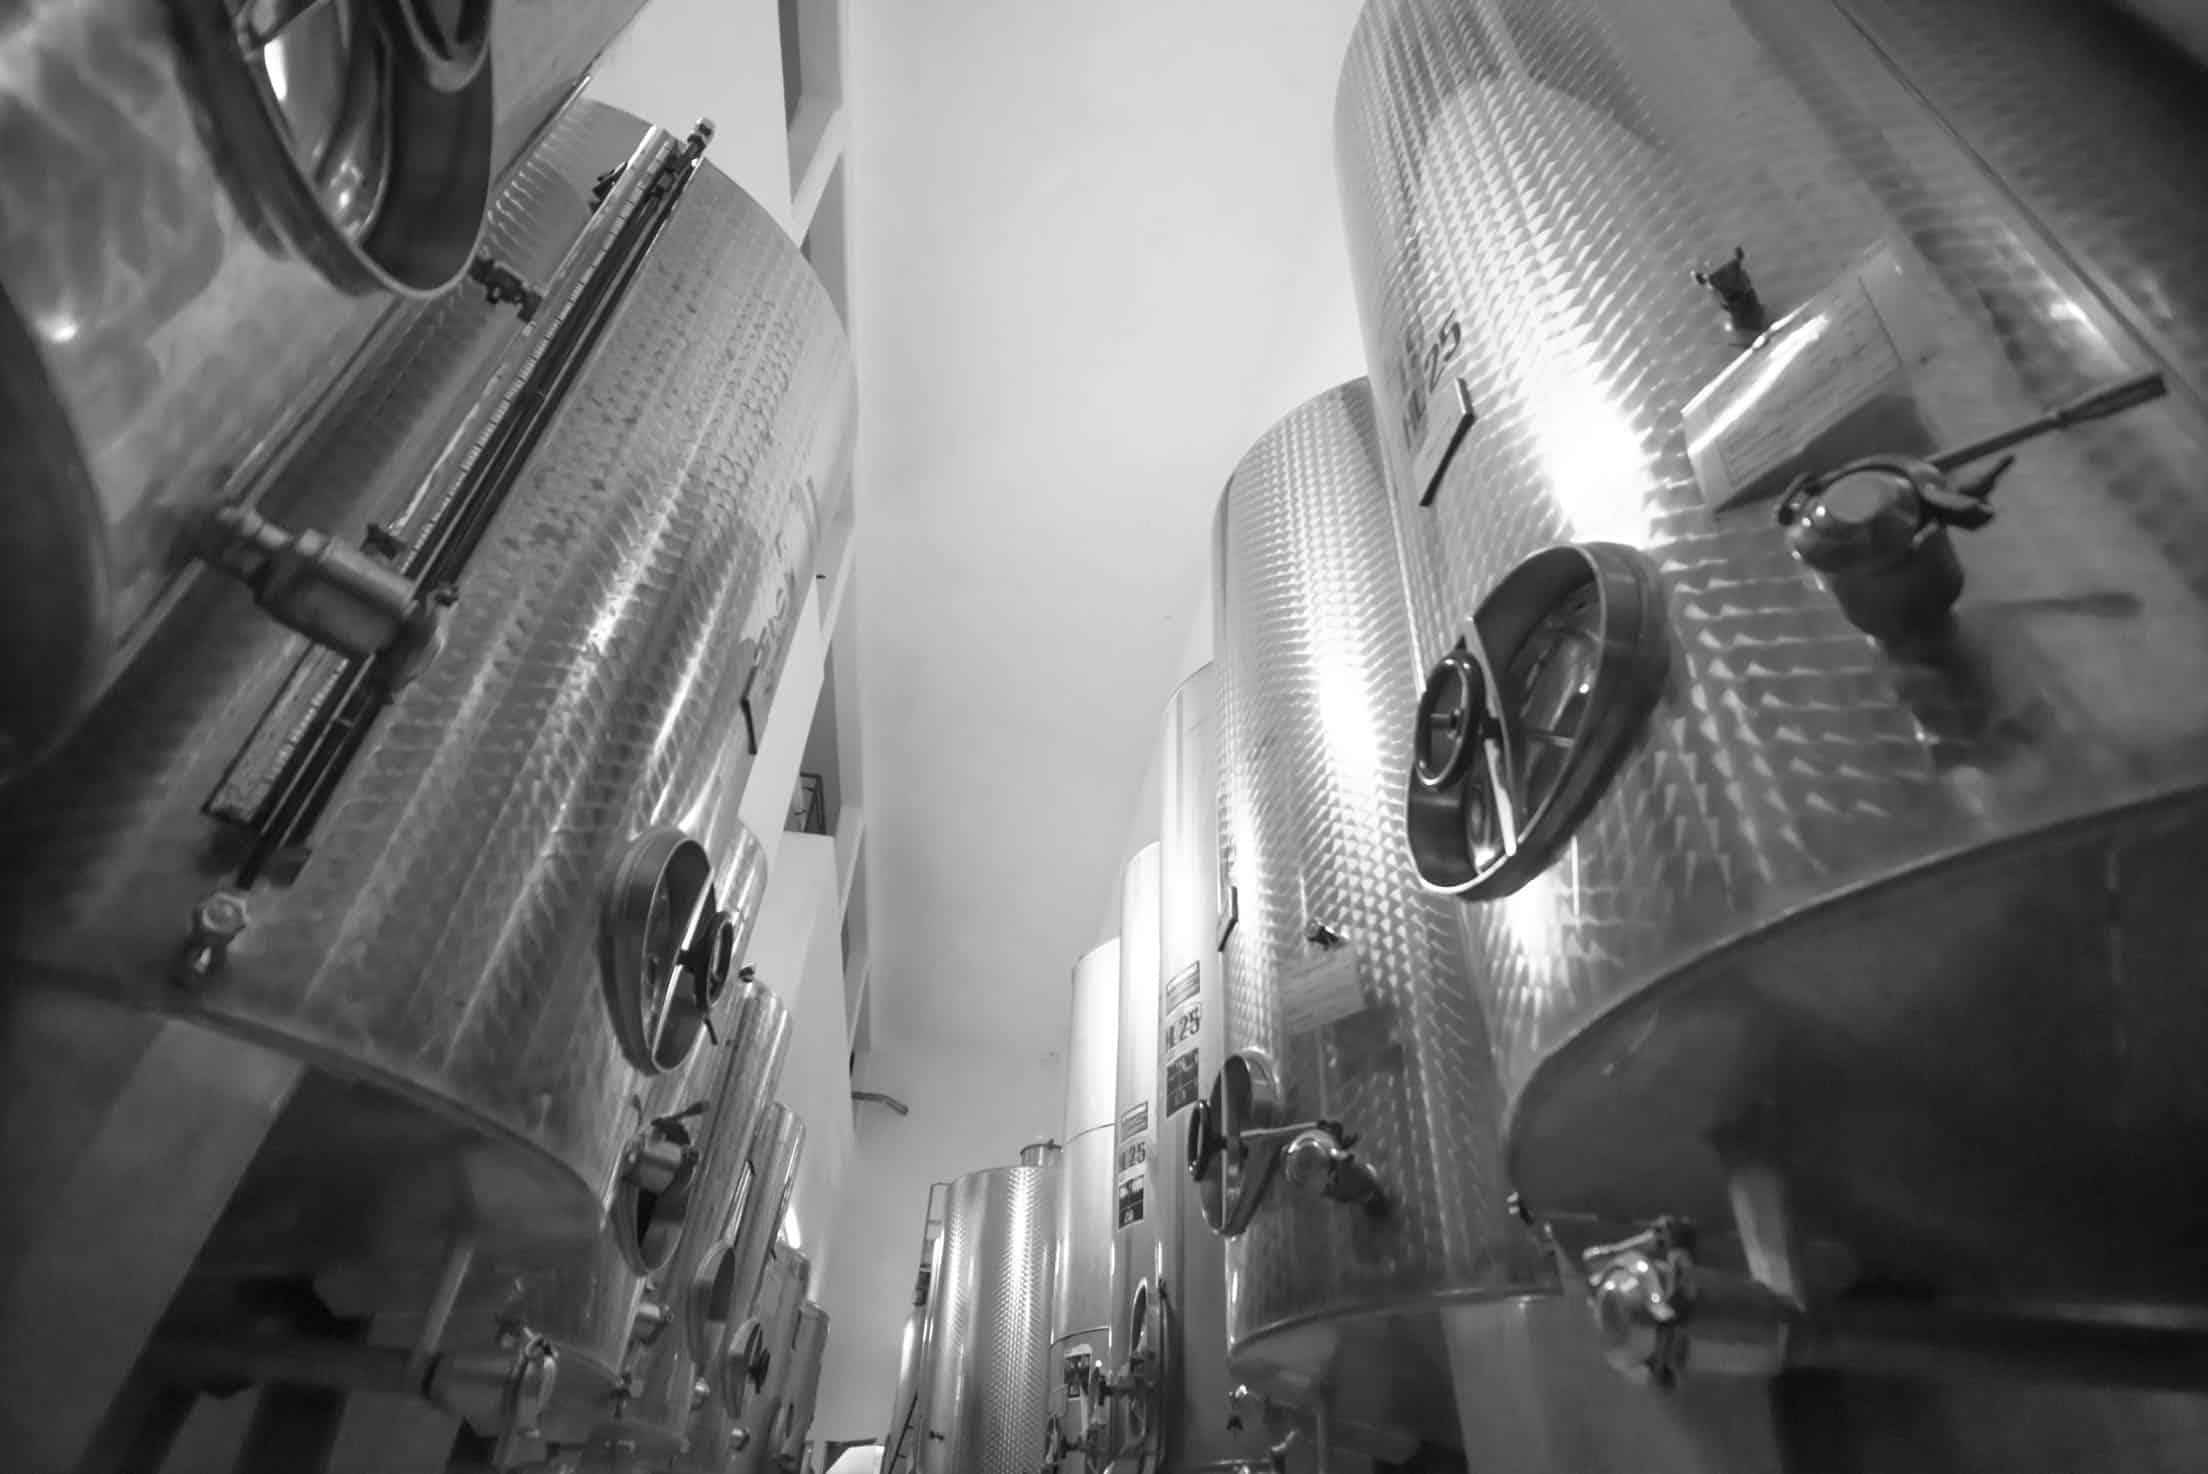 Produzione vino in Sardegna - Cantina del Mandrolisai